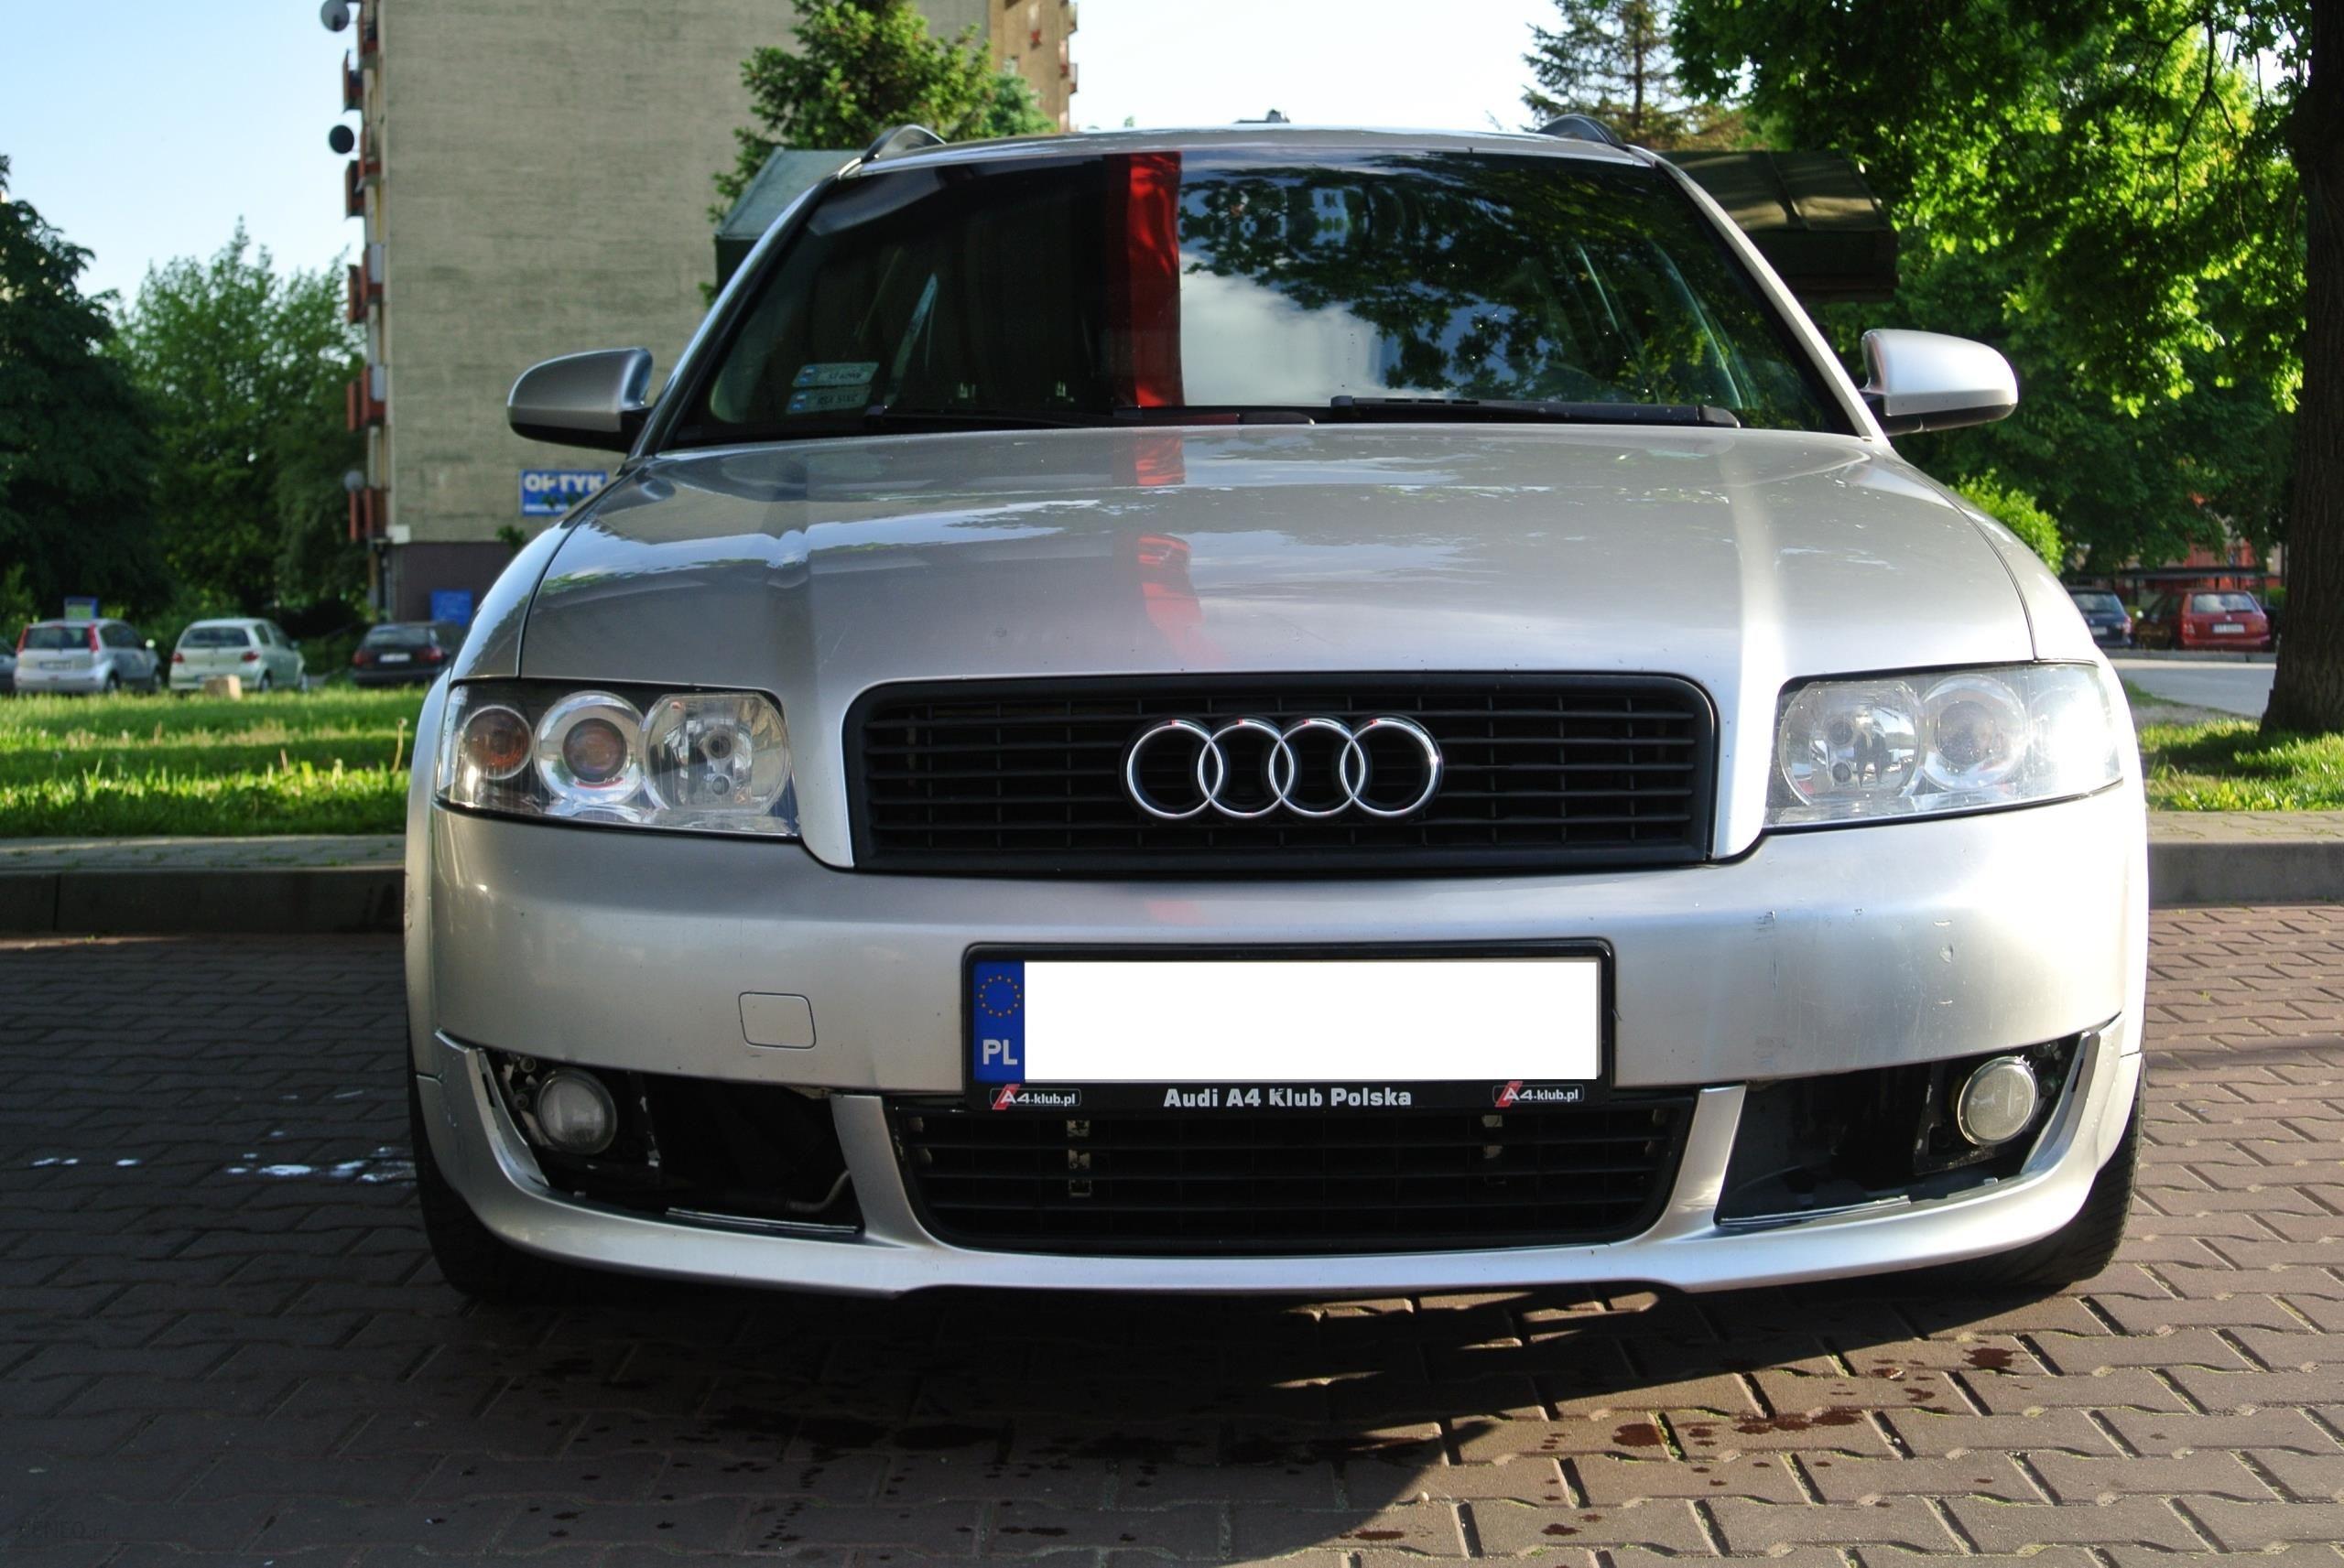 Audi A4 B6 Avant 18t Lpg Opinie I Ceny Na Ceneopl